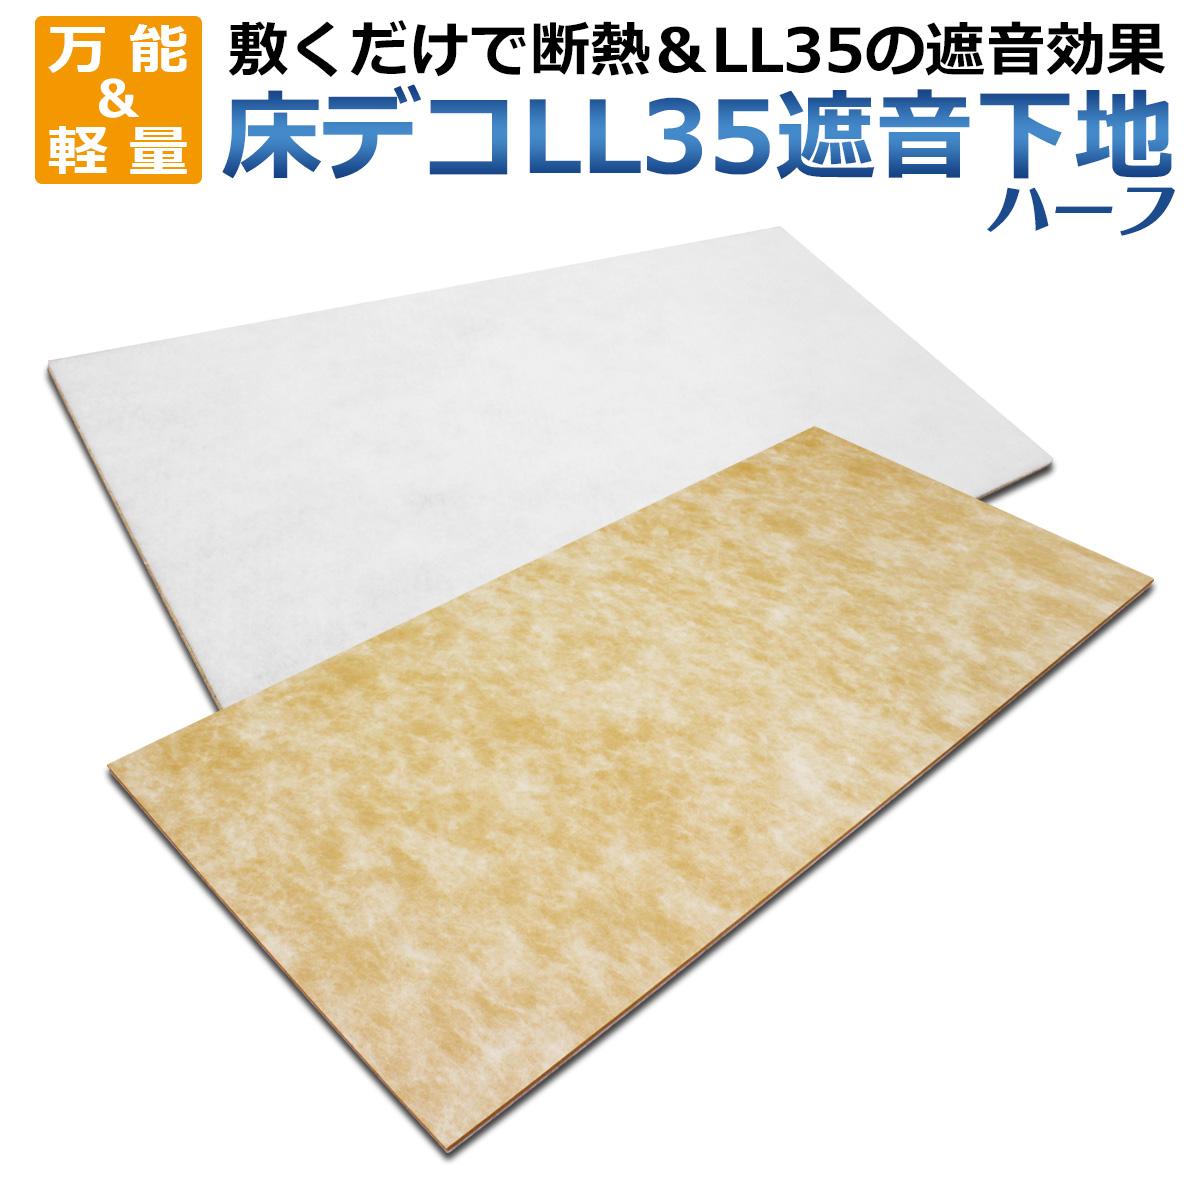 万能&軽量 敷くだけで断熱&LL35の遮音効果 床デコLL35遮音下地材ハーフ